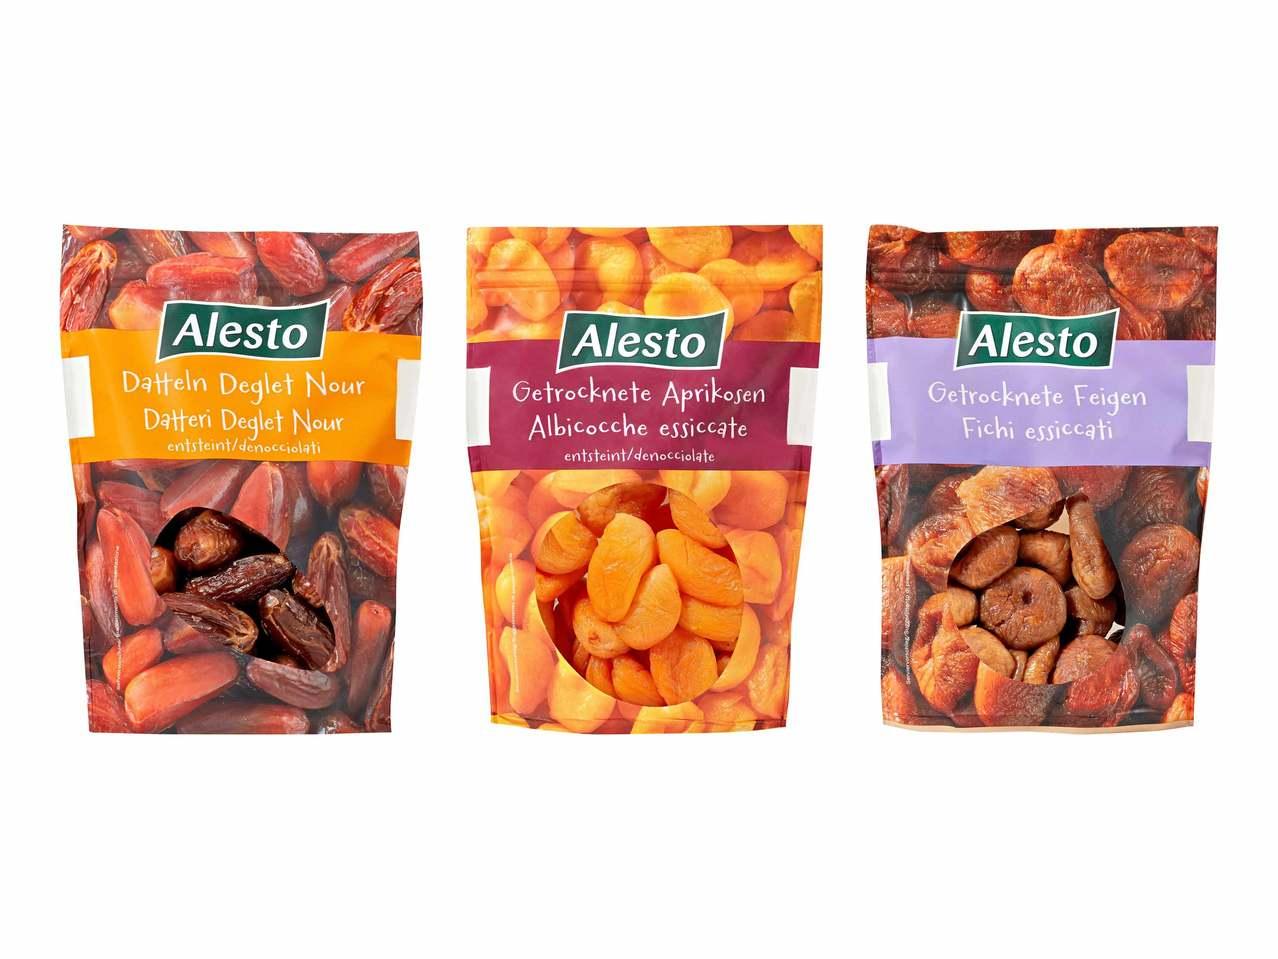 [Lidl] Alesto Soft-Früchte Aprikosen, Datteln, Feigen oder Mix je 200g 0,99€